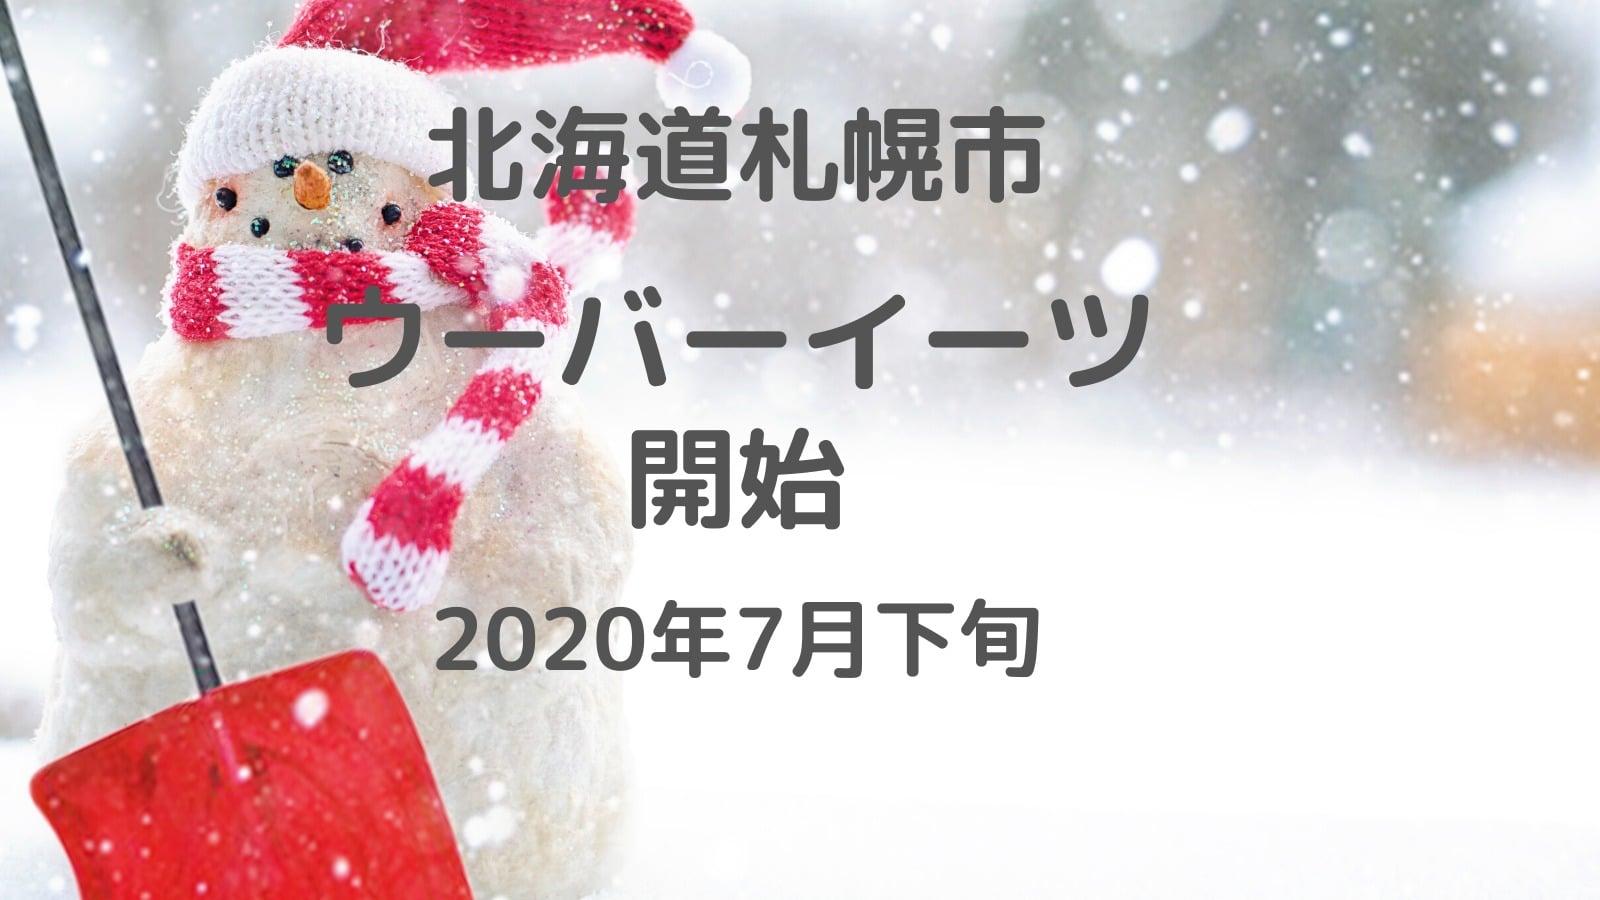 ウーバーイーツが北海道札幌市で開始!注文方法や配達員情報あり!